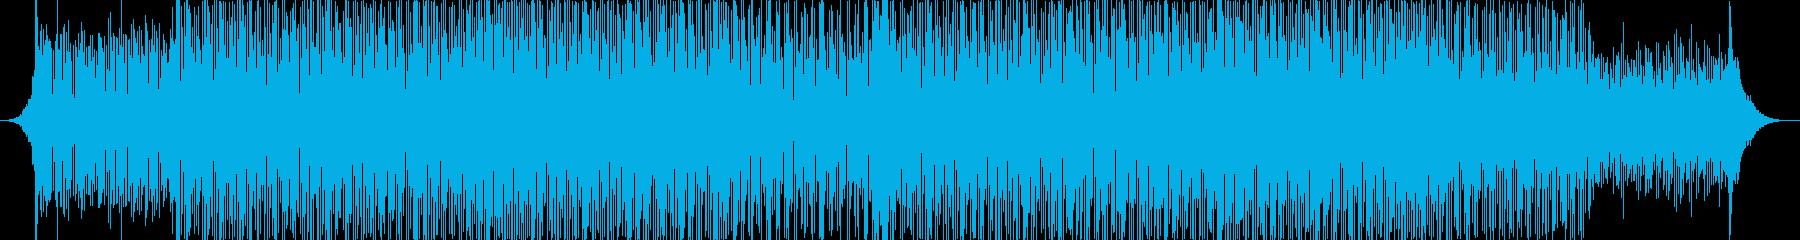 力強いリズムのテクノミュージック-01の再生済みの波形